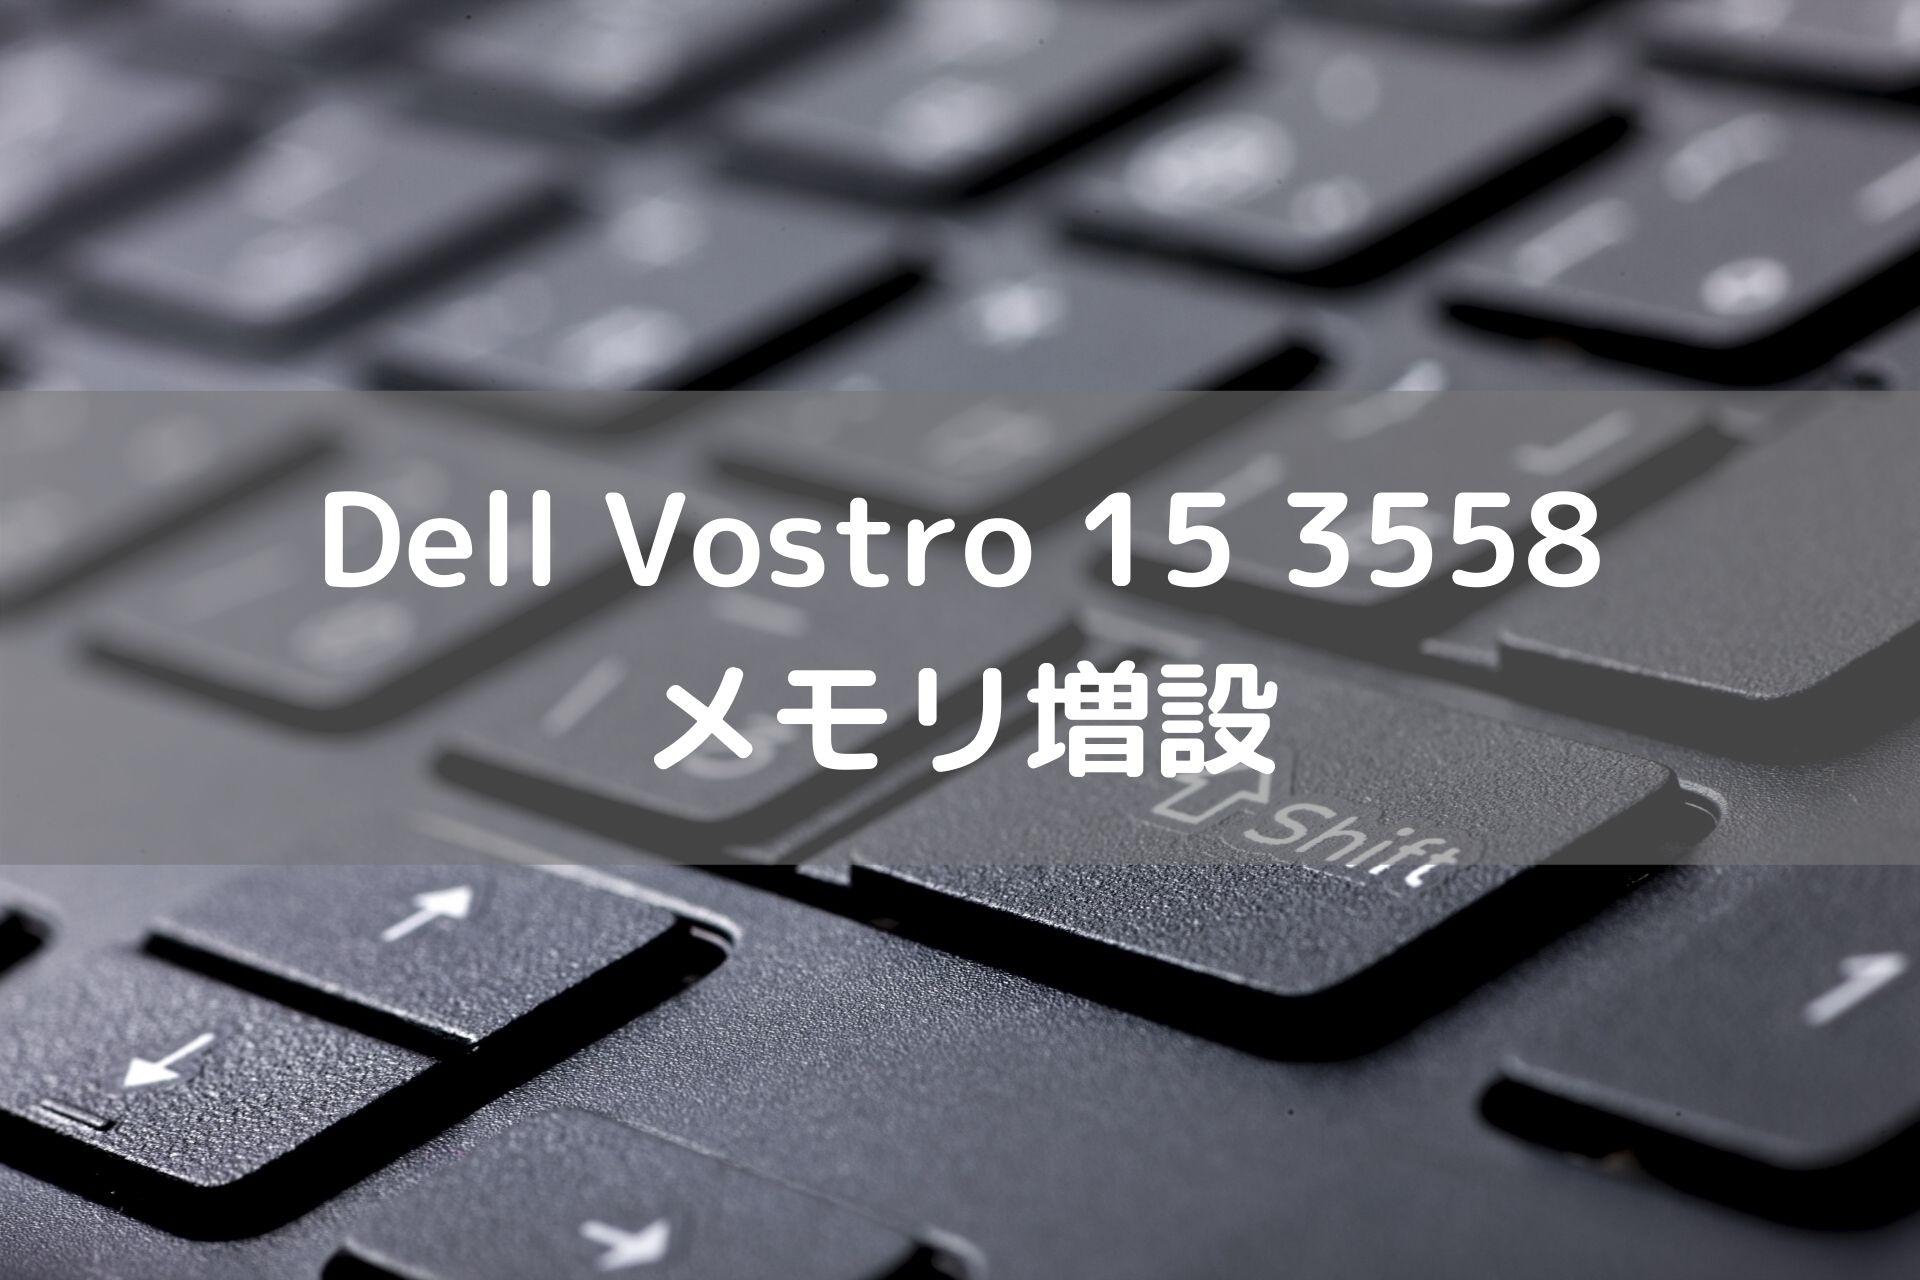 DELL Vostro 15 3558 メモリ増設しました!